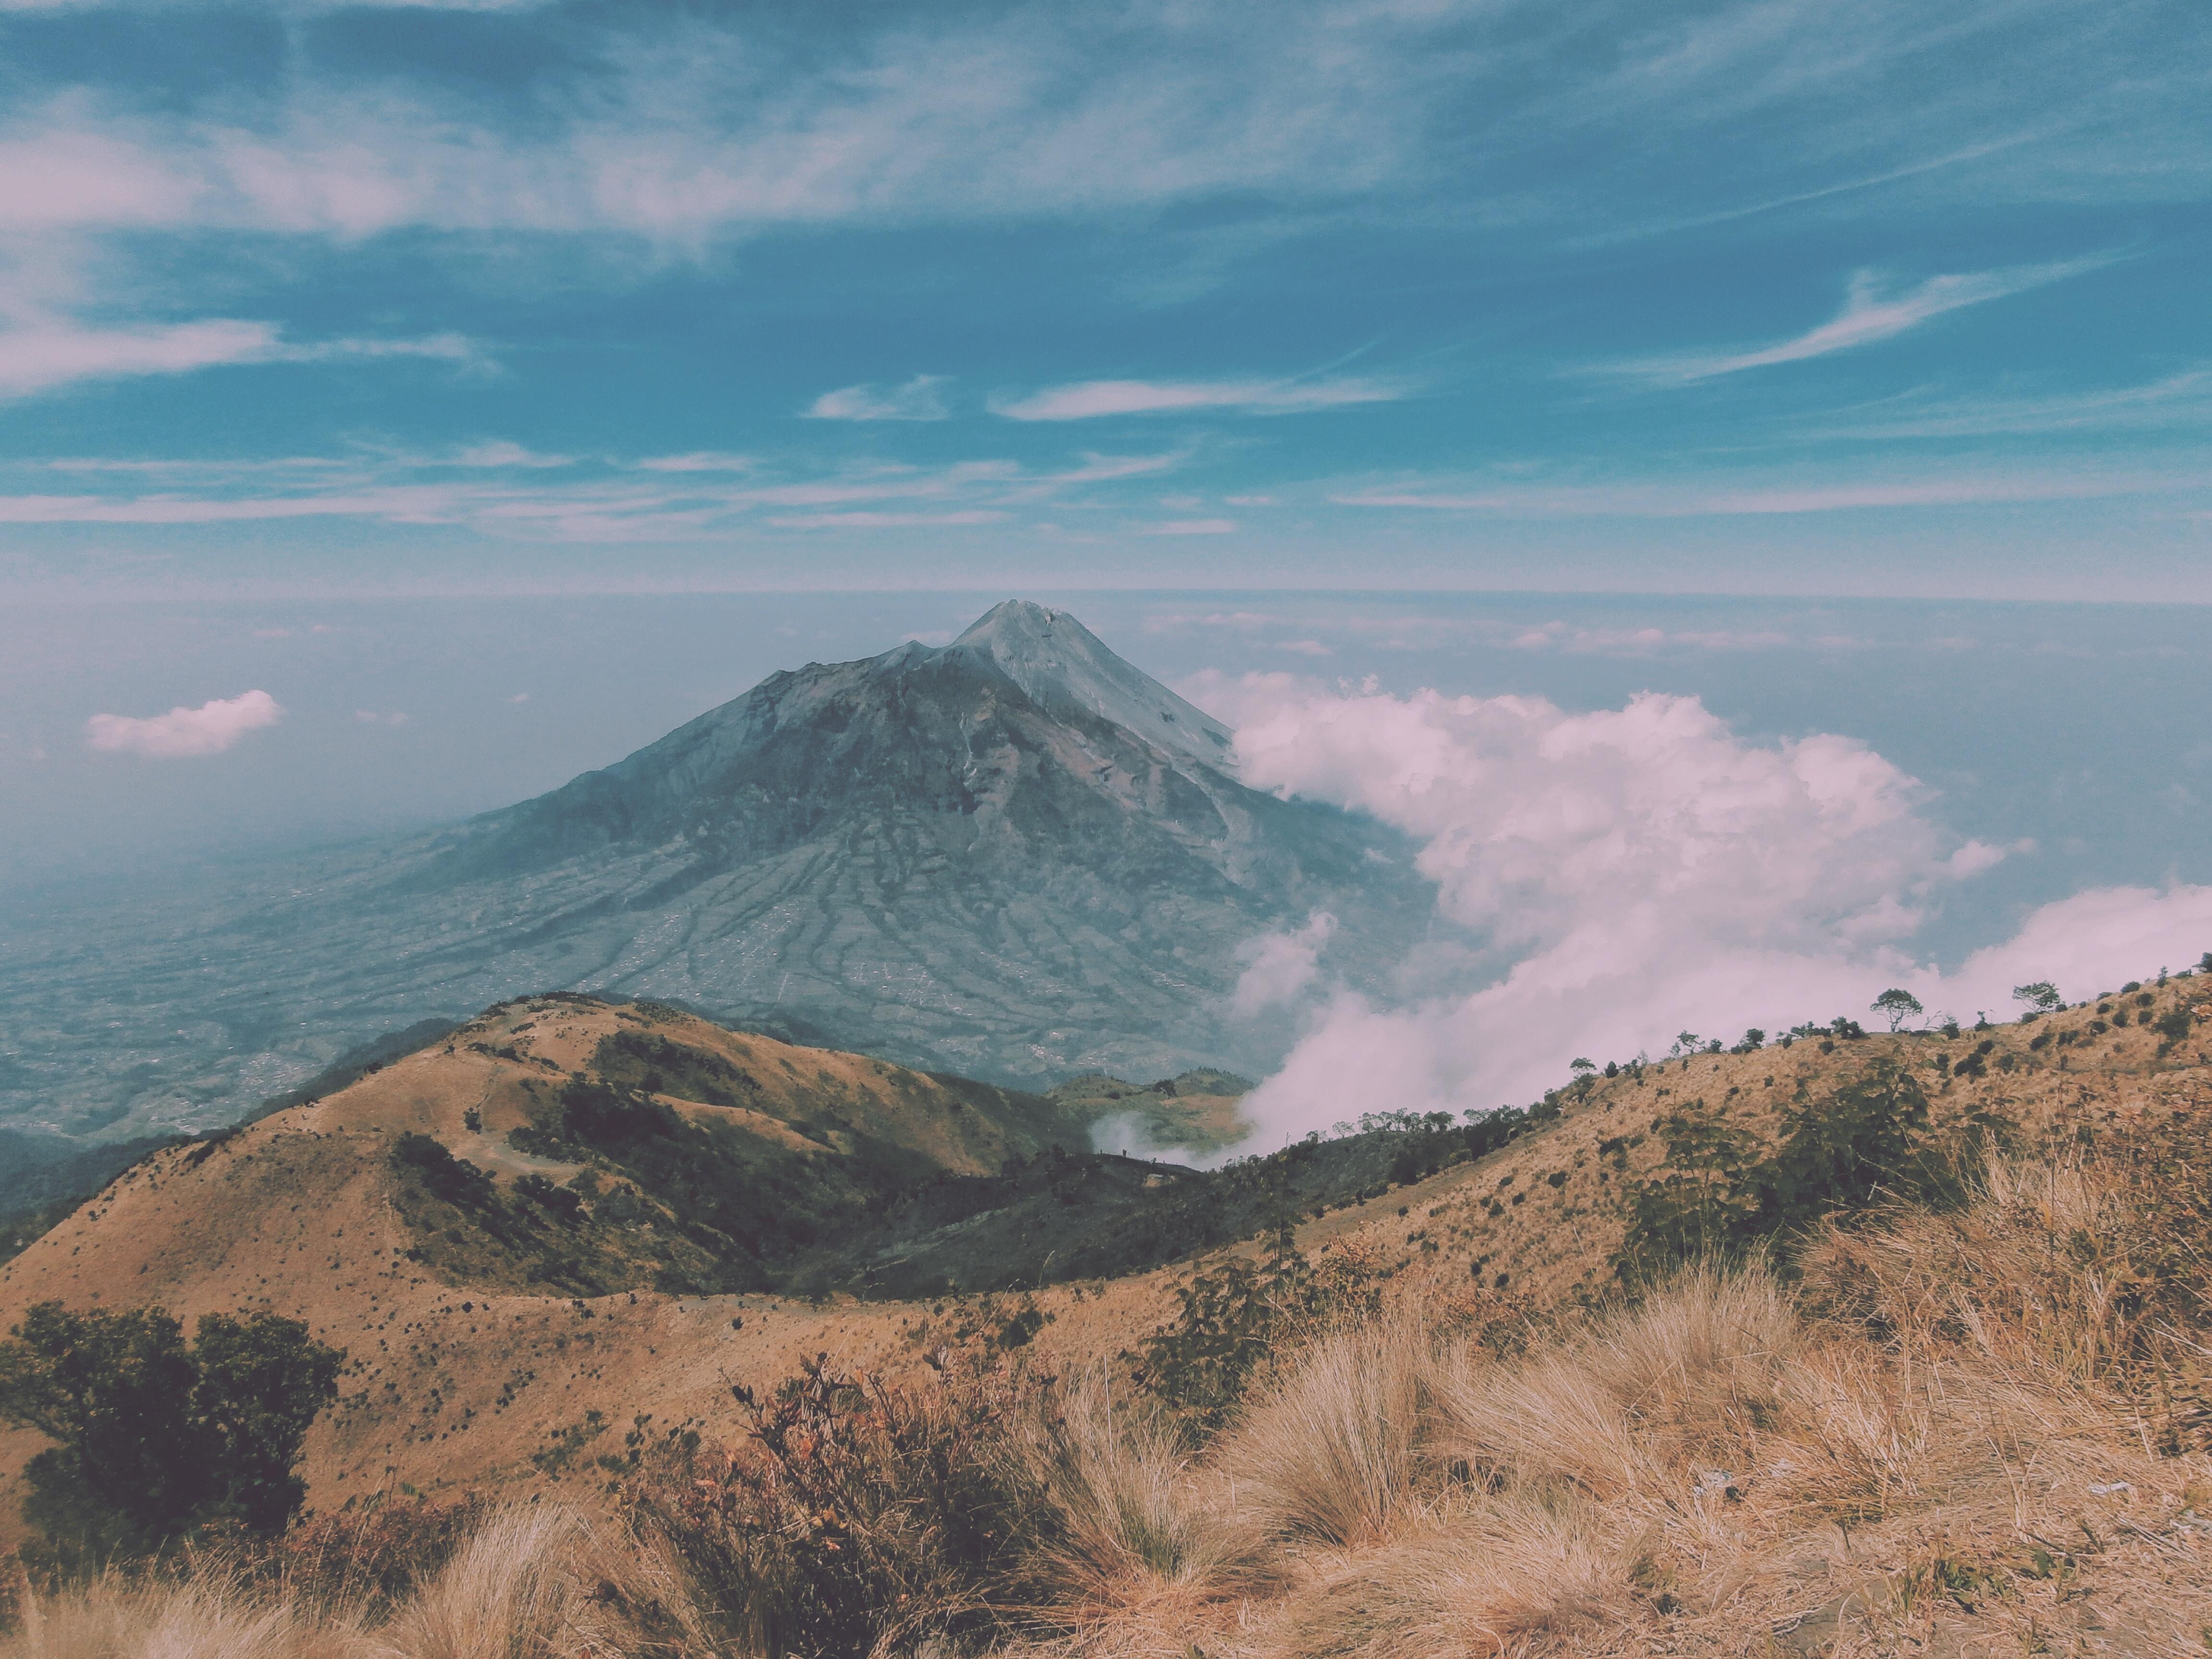 brown mountain photo during daytime